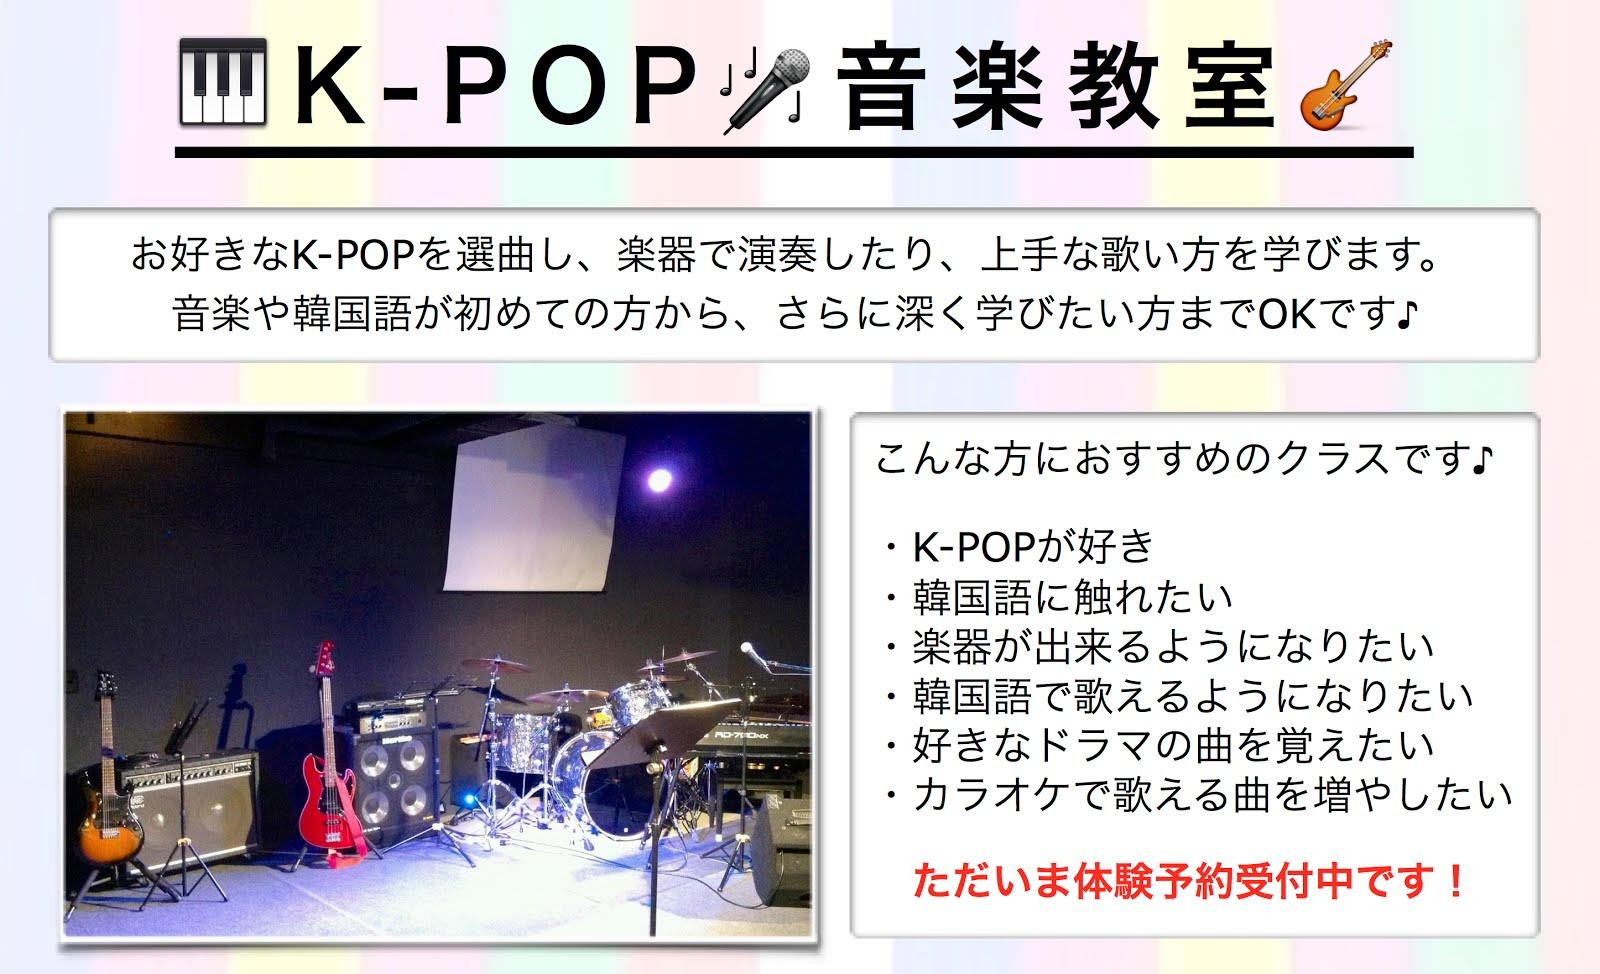 ♪K-POP音楽教室♪